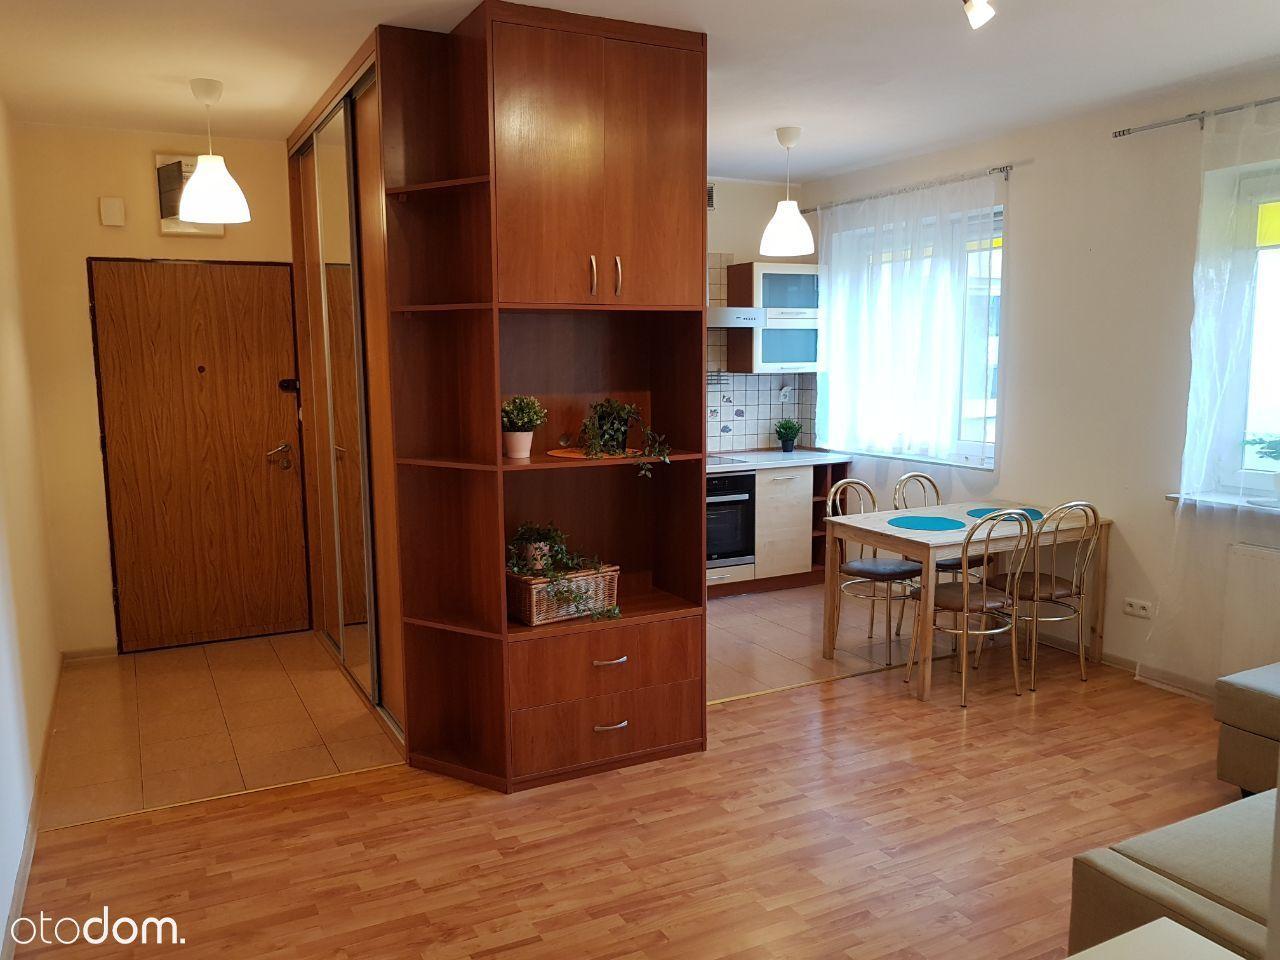 Mieszkanie do wynajęcia Górczewska 3 pokoje Bemowo